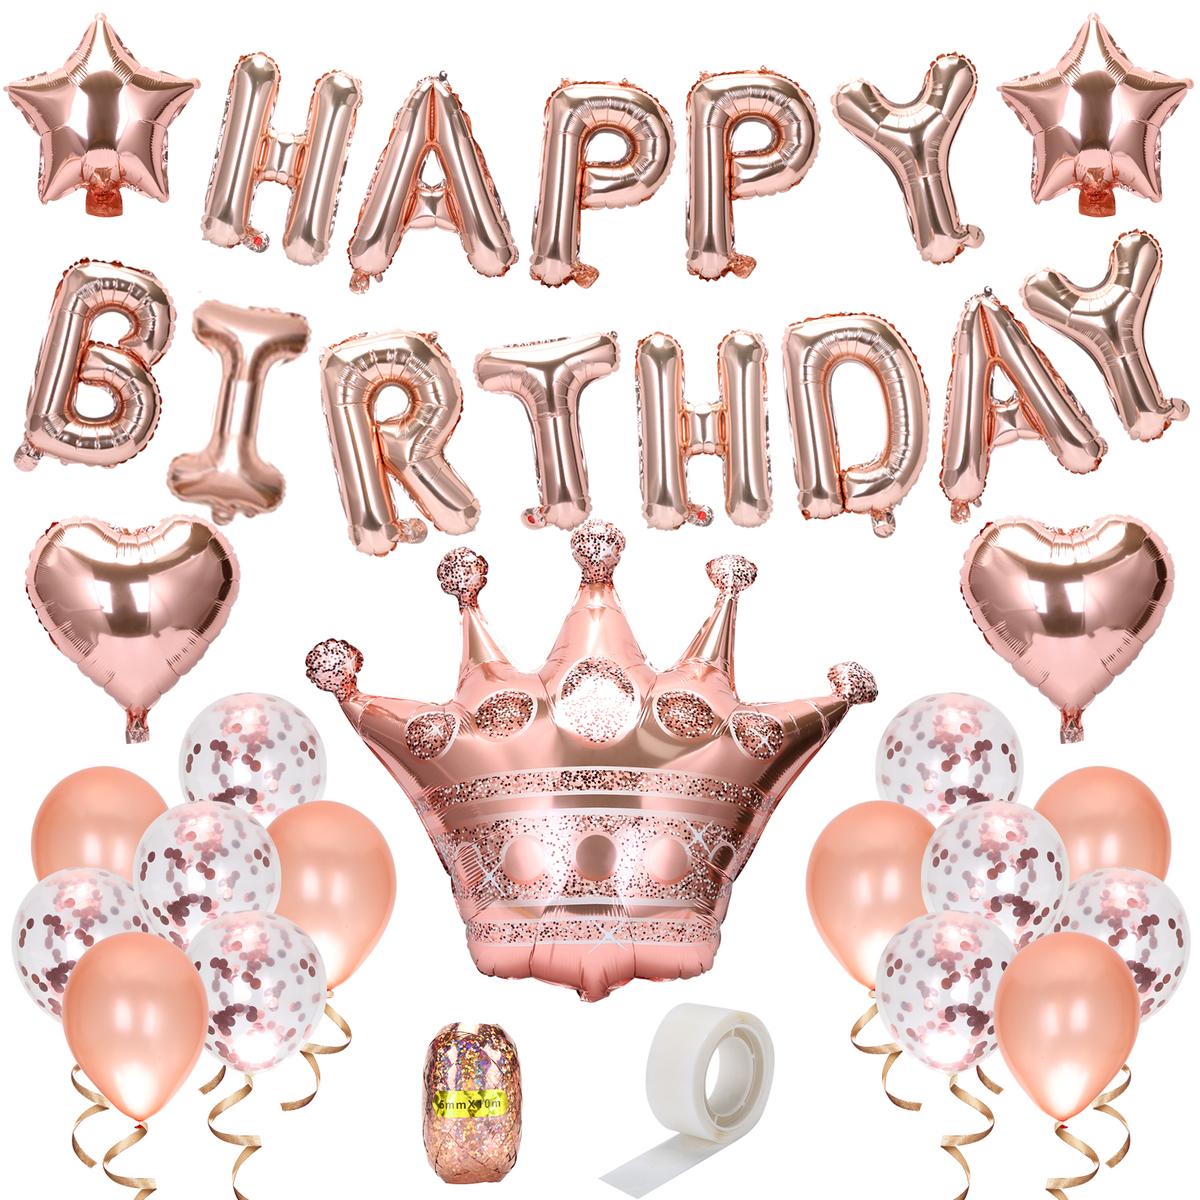 豪華感があるローズゴールド調の飾り付けセットは 女性 女の子はもちろん,子供の誕生日 記念日に最適です 誕生日飾りつけ バルーン 送料無料 お誕生日 ガーランド happy birthday ローズゴールド パーティー 5☆大好評 ピンクバースデーデコレーション ハッピーバースデー 女の子 子供 可愛い 人気の定番 装飾 風船